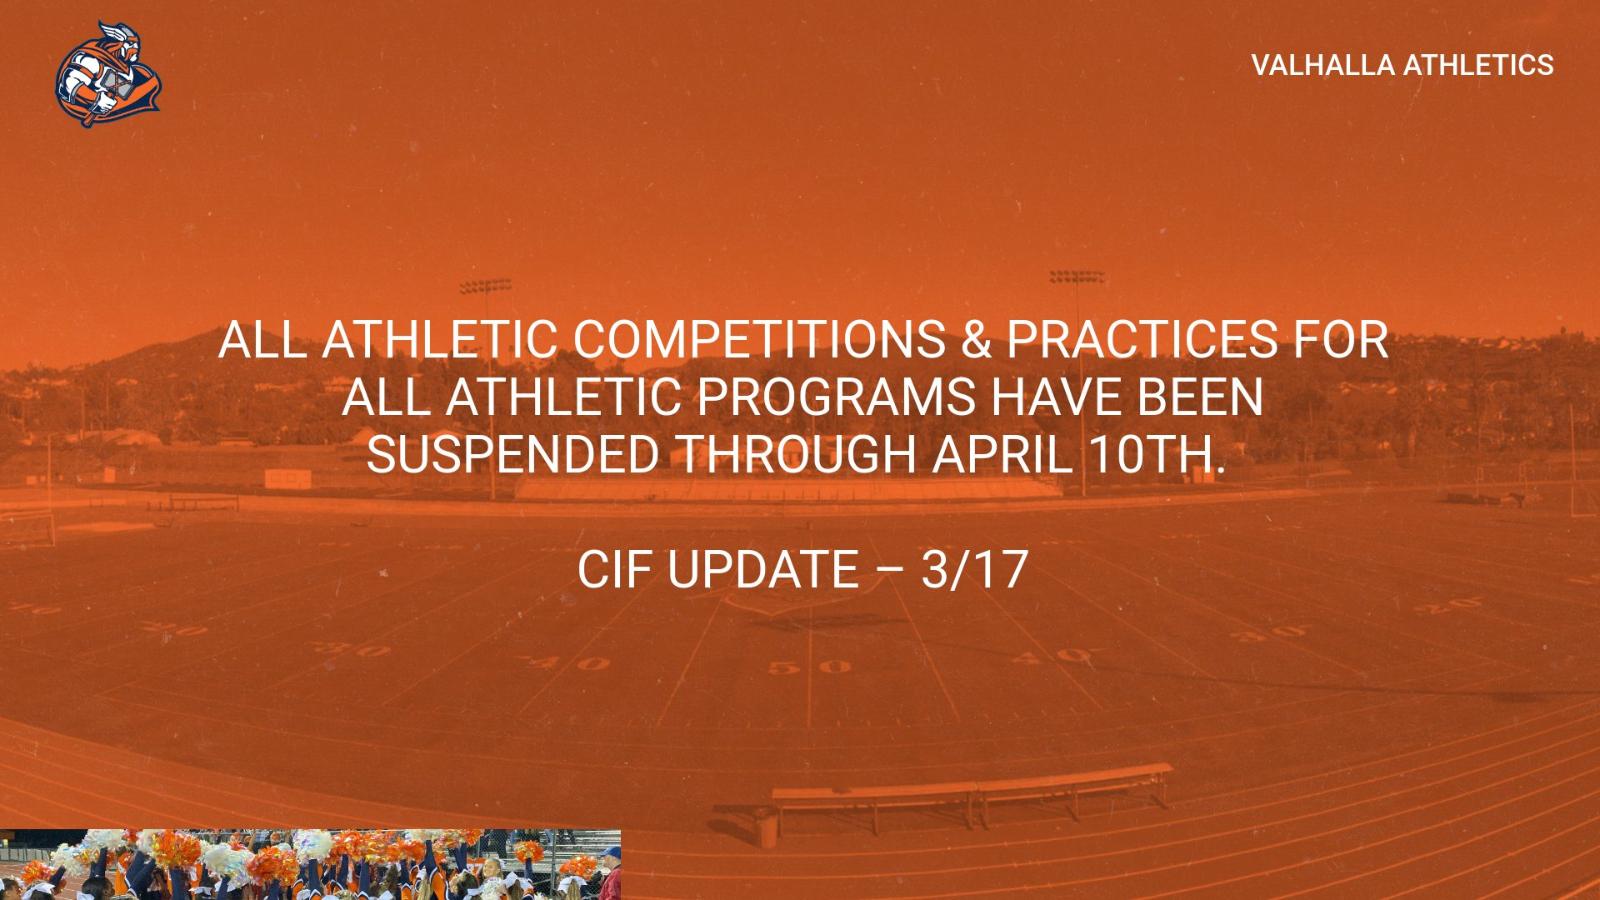 CIF UPDATE – 3/17